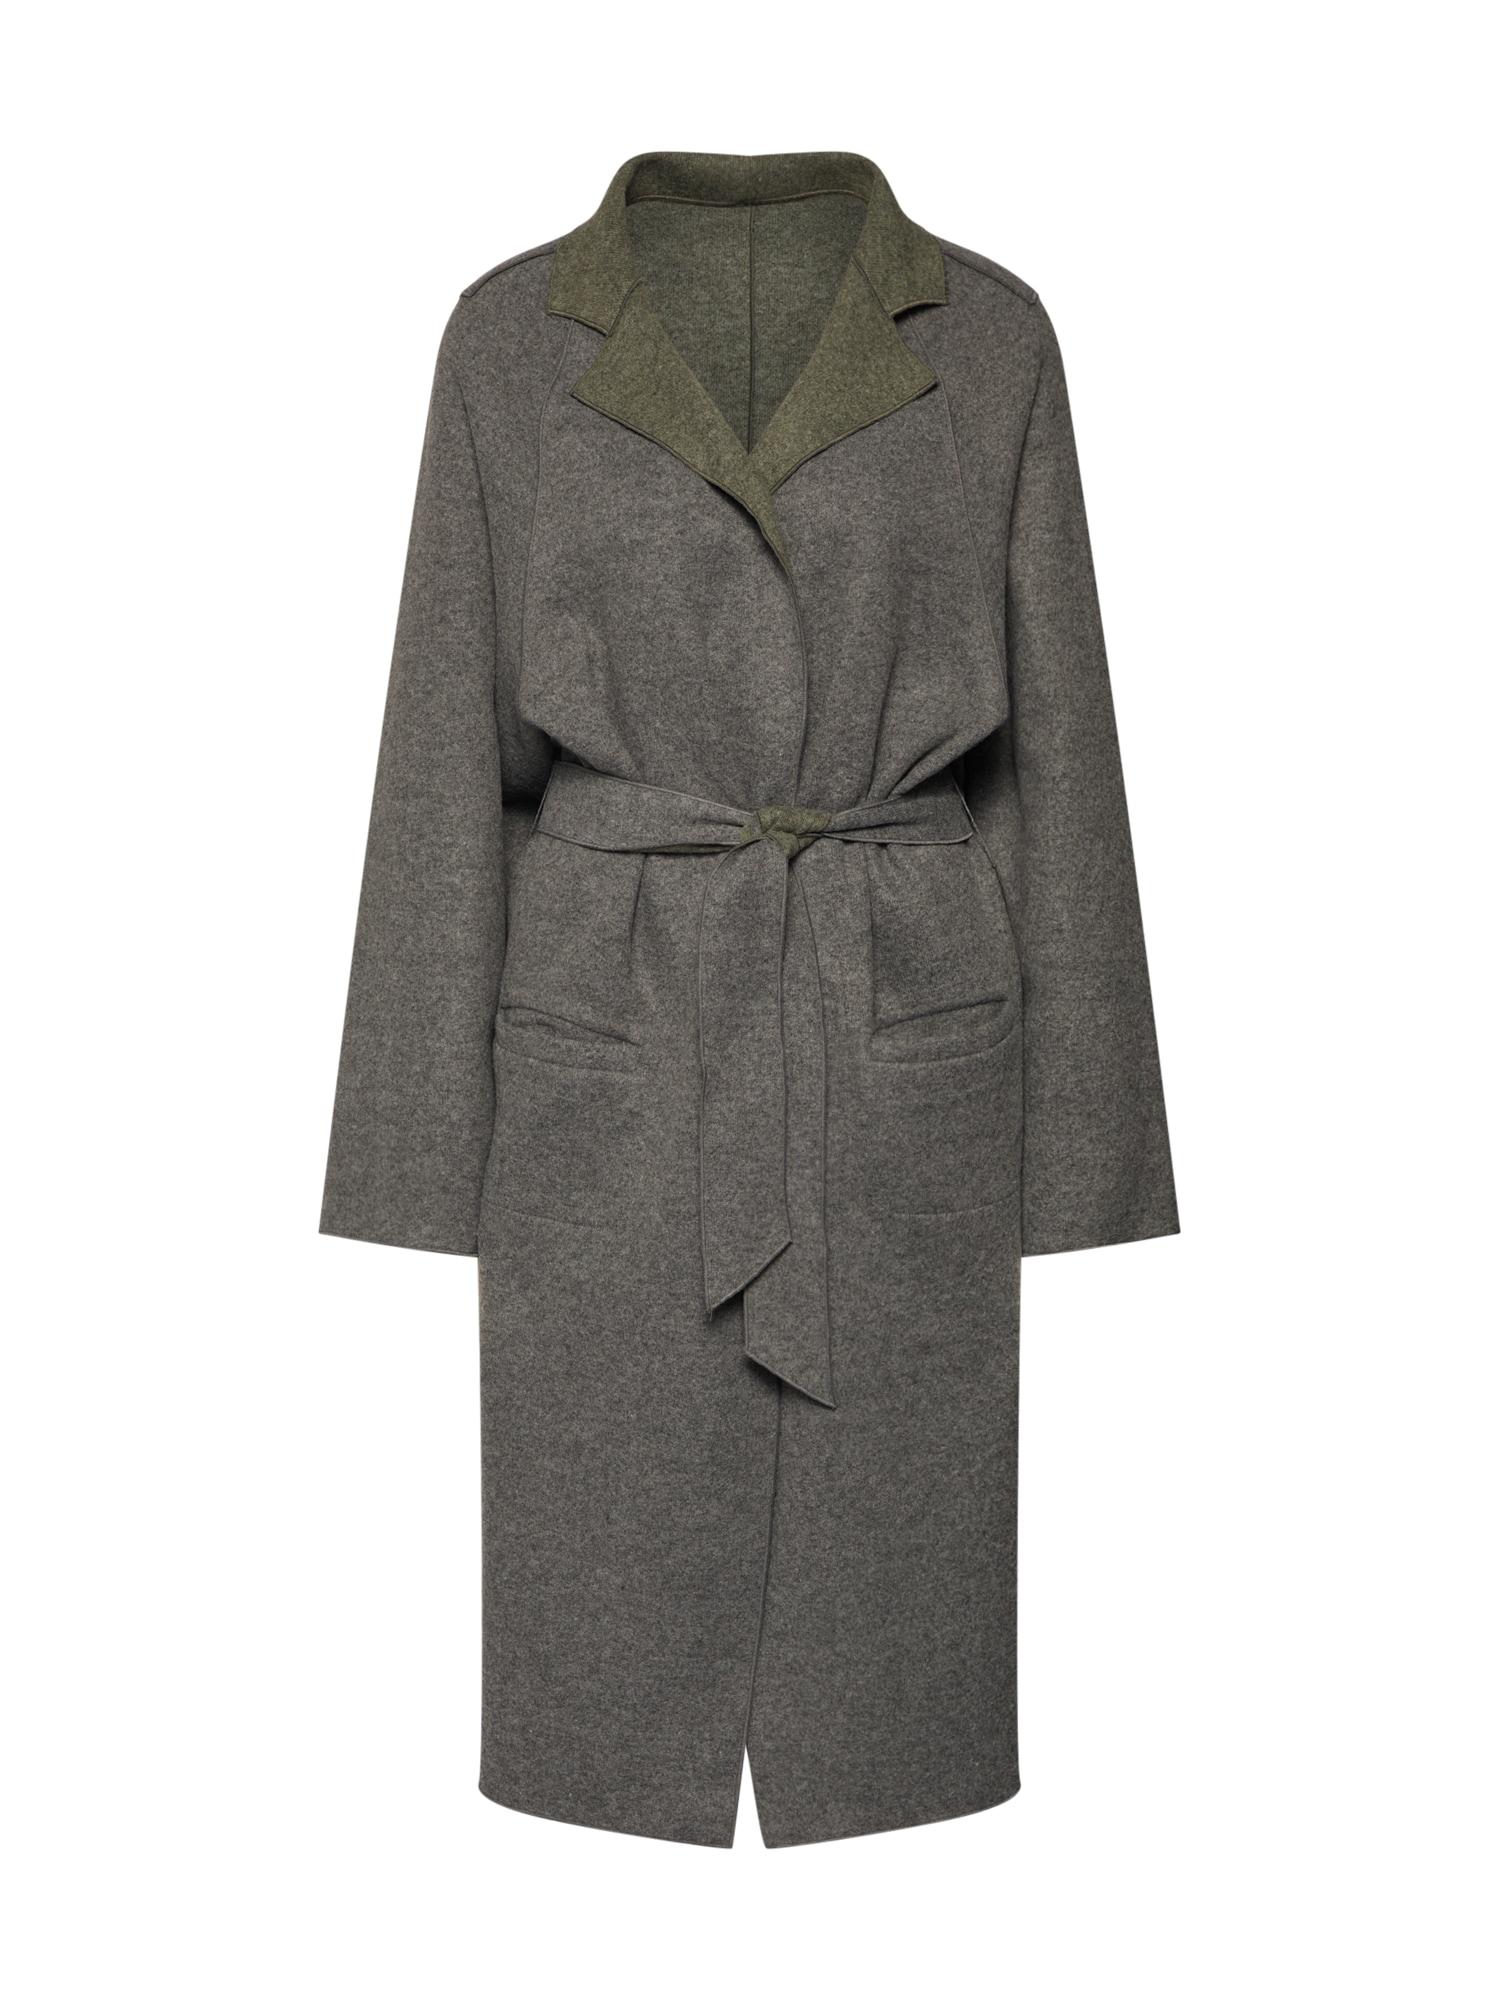 Přechodný kabát VIRADA tmavě šedá VILA